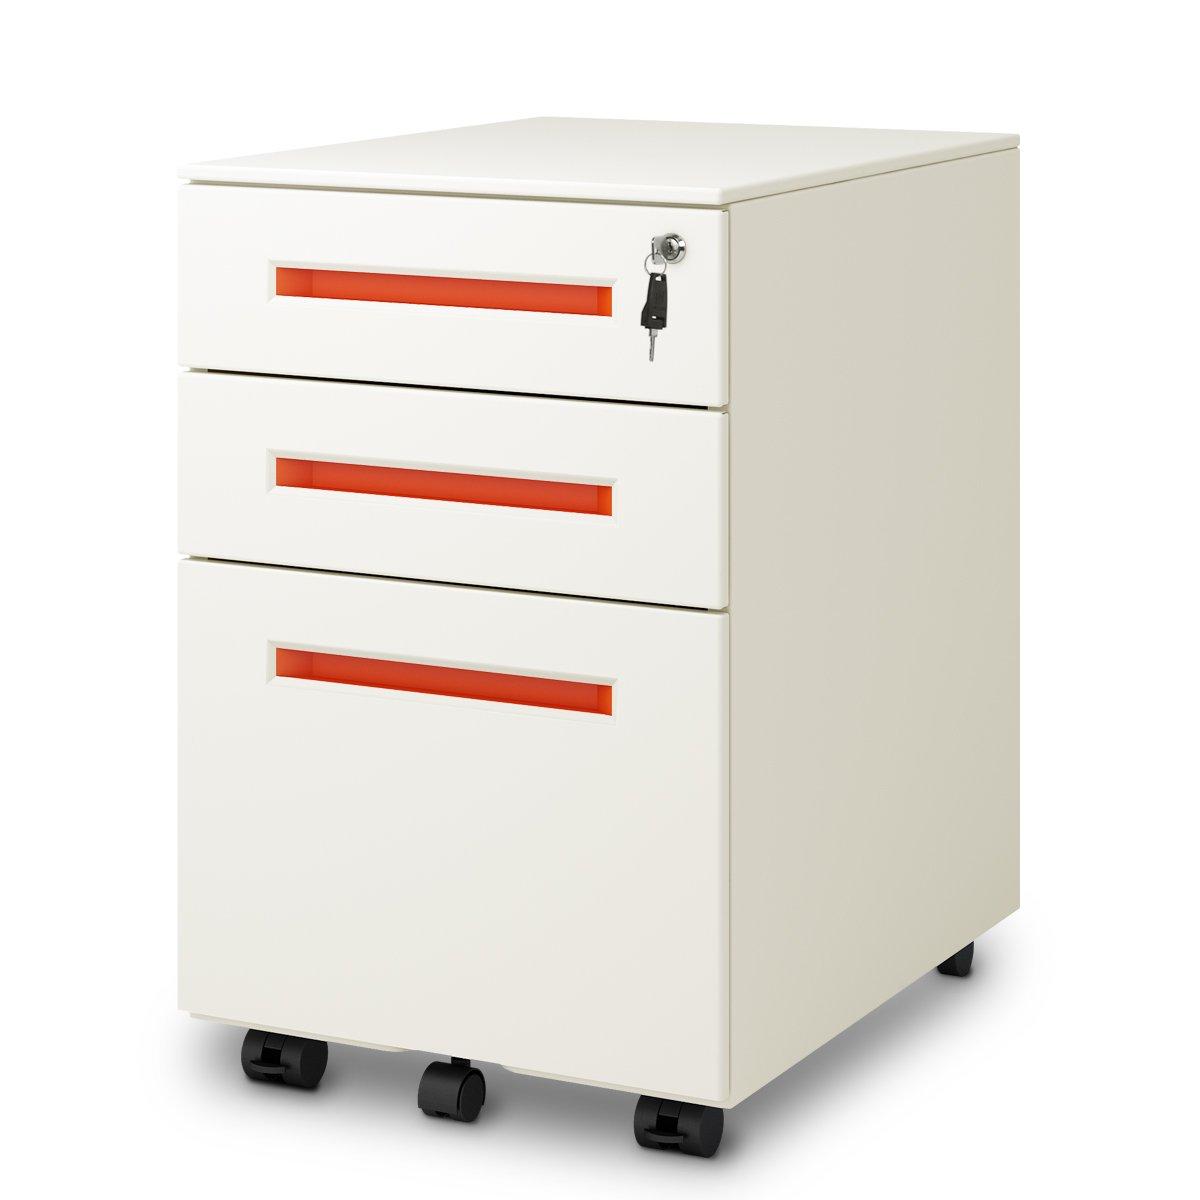 DEVAISE - Archivador de pedestal con 3 cajones (tamaño legal/carta): Amazon.es: Oficina y papelería